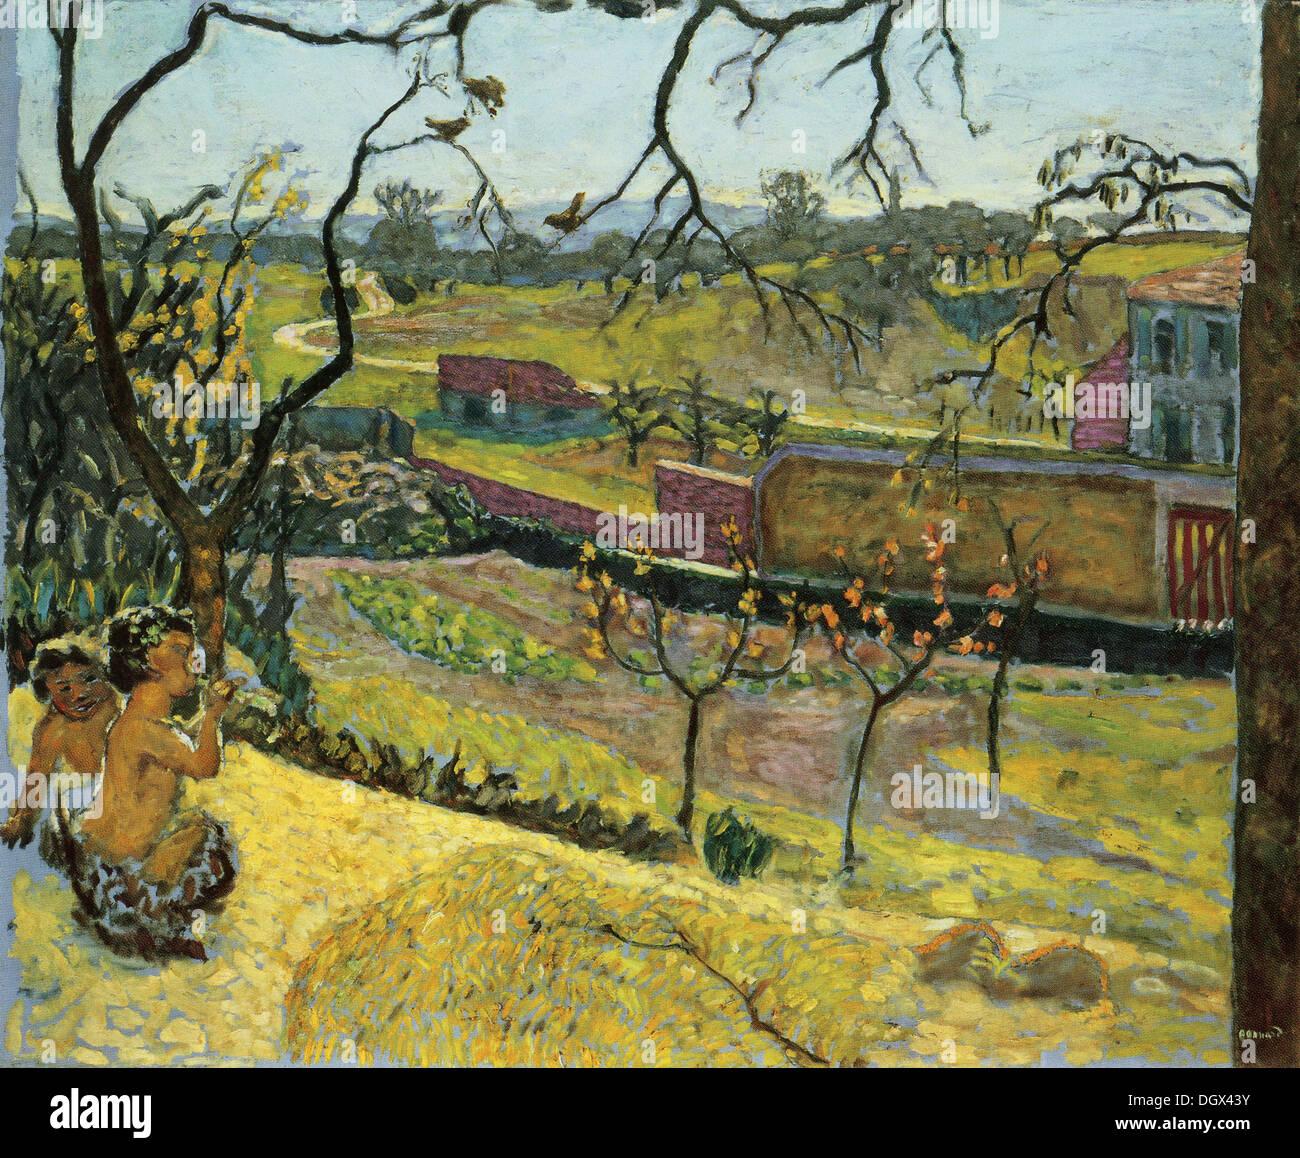 Au début du printemps, peu de faunes - par Pierre Bonnard, 1909 Photo Stock